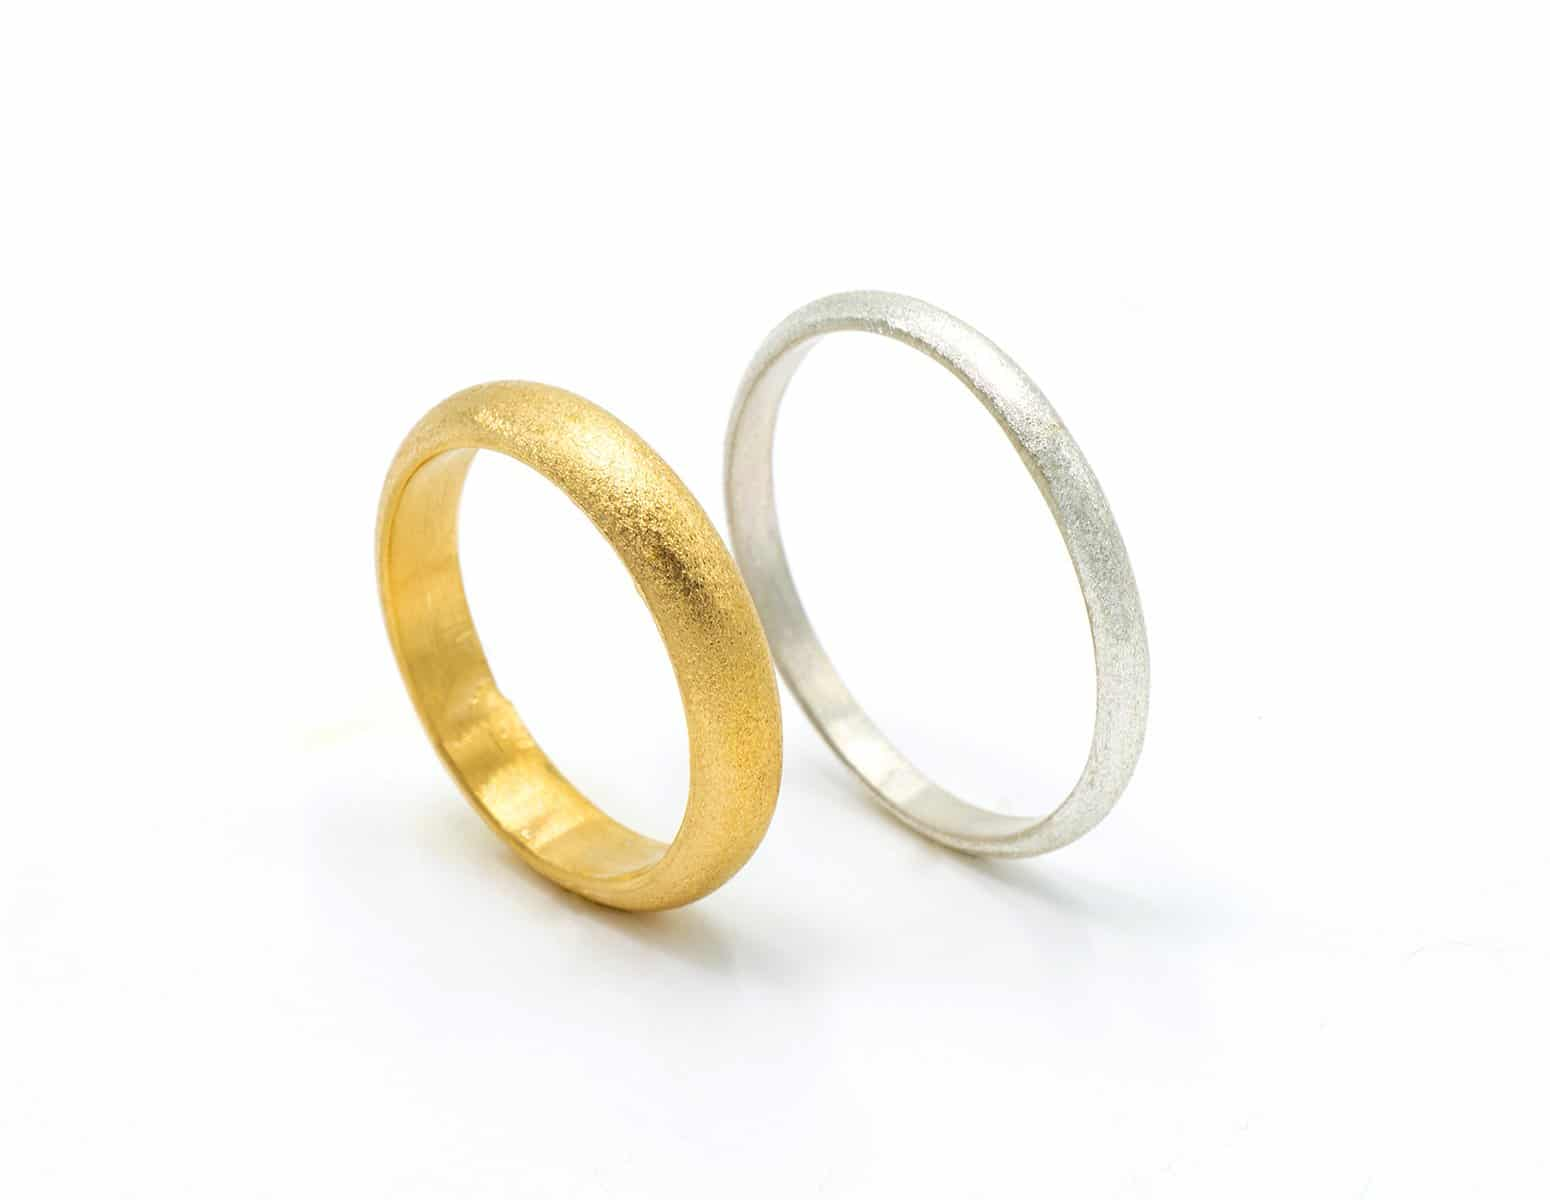 Alianzas de boda artesanales con textura diamantada y oro justo Fairmined